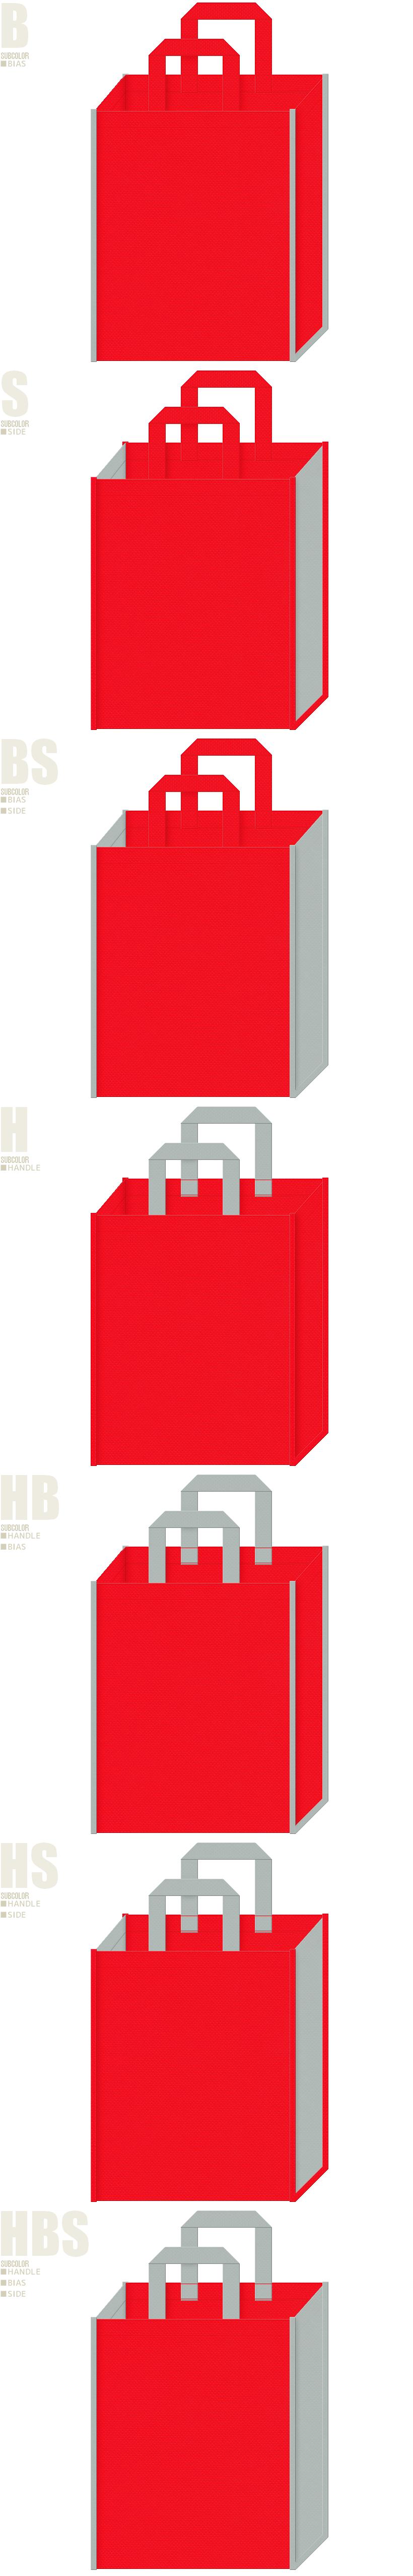 赤色とグレー色、7パターンの不織布トートバッグ配色デザイン例。ロボット・ラジコン・プラモデル等のホビーショーのバッグノベルティにお奨めです。